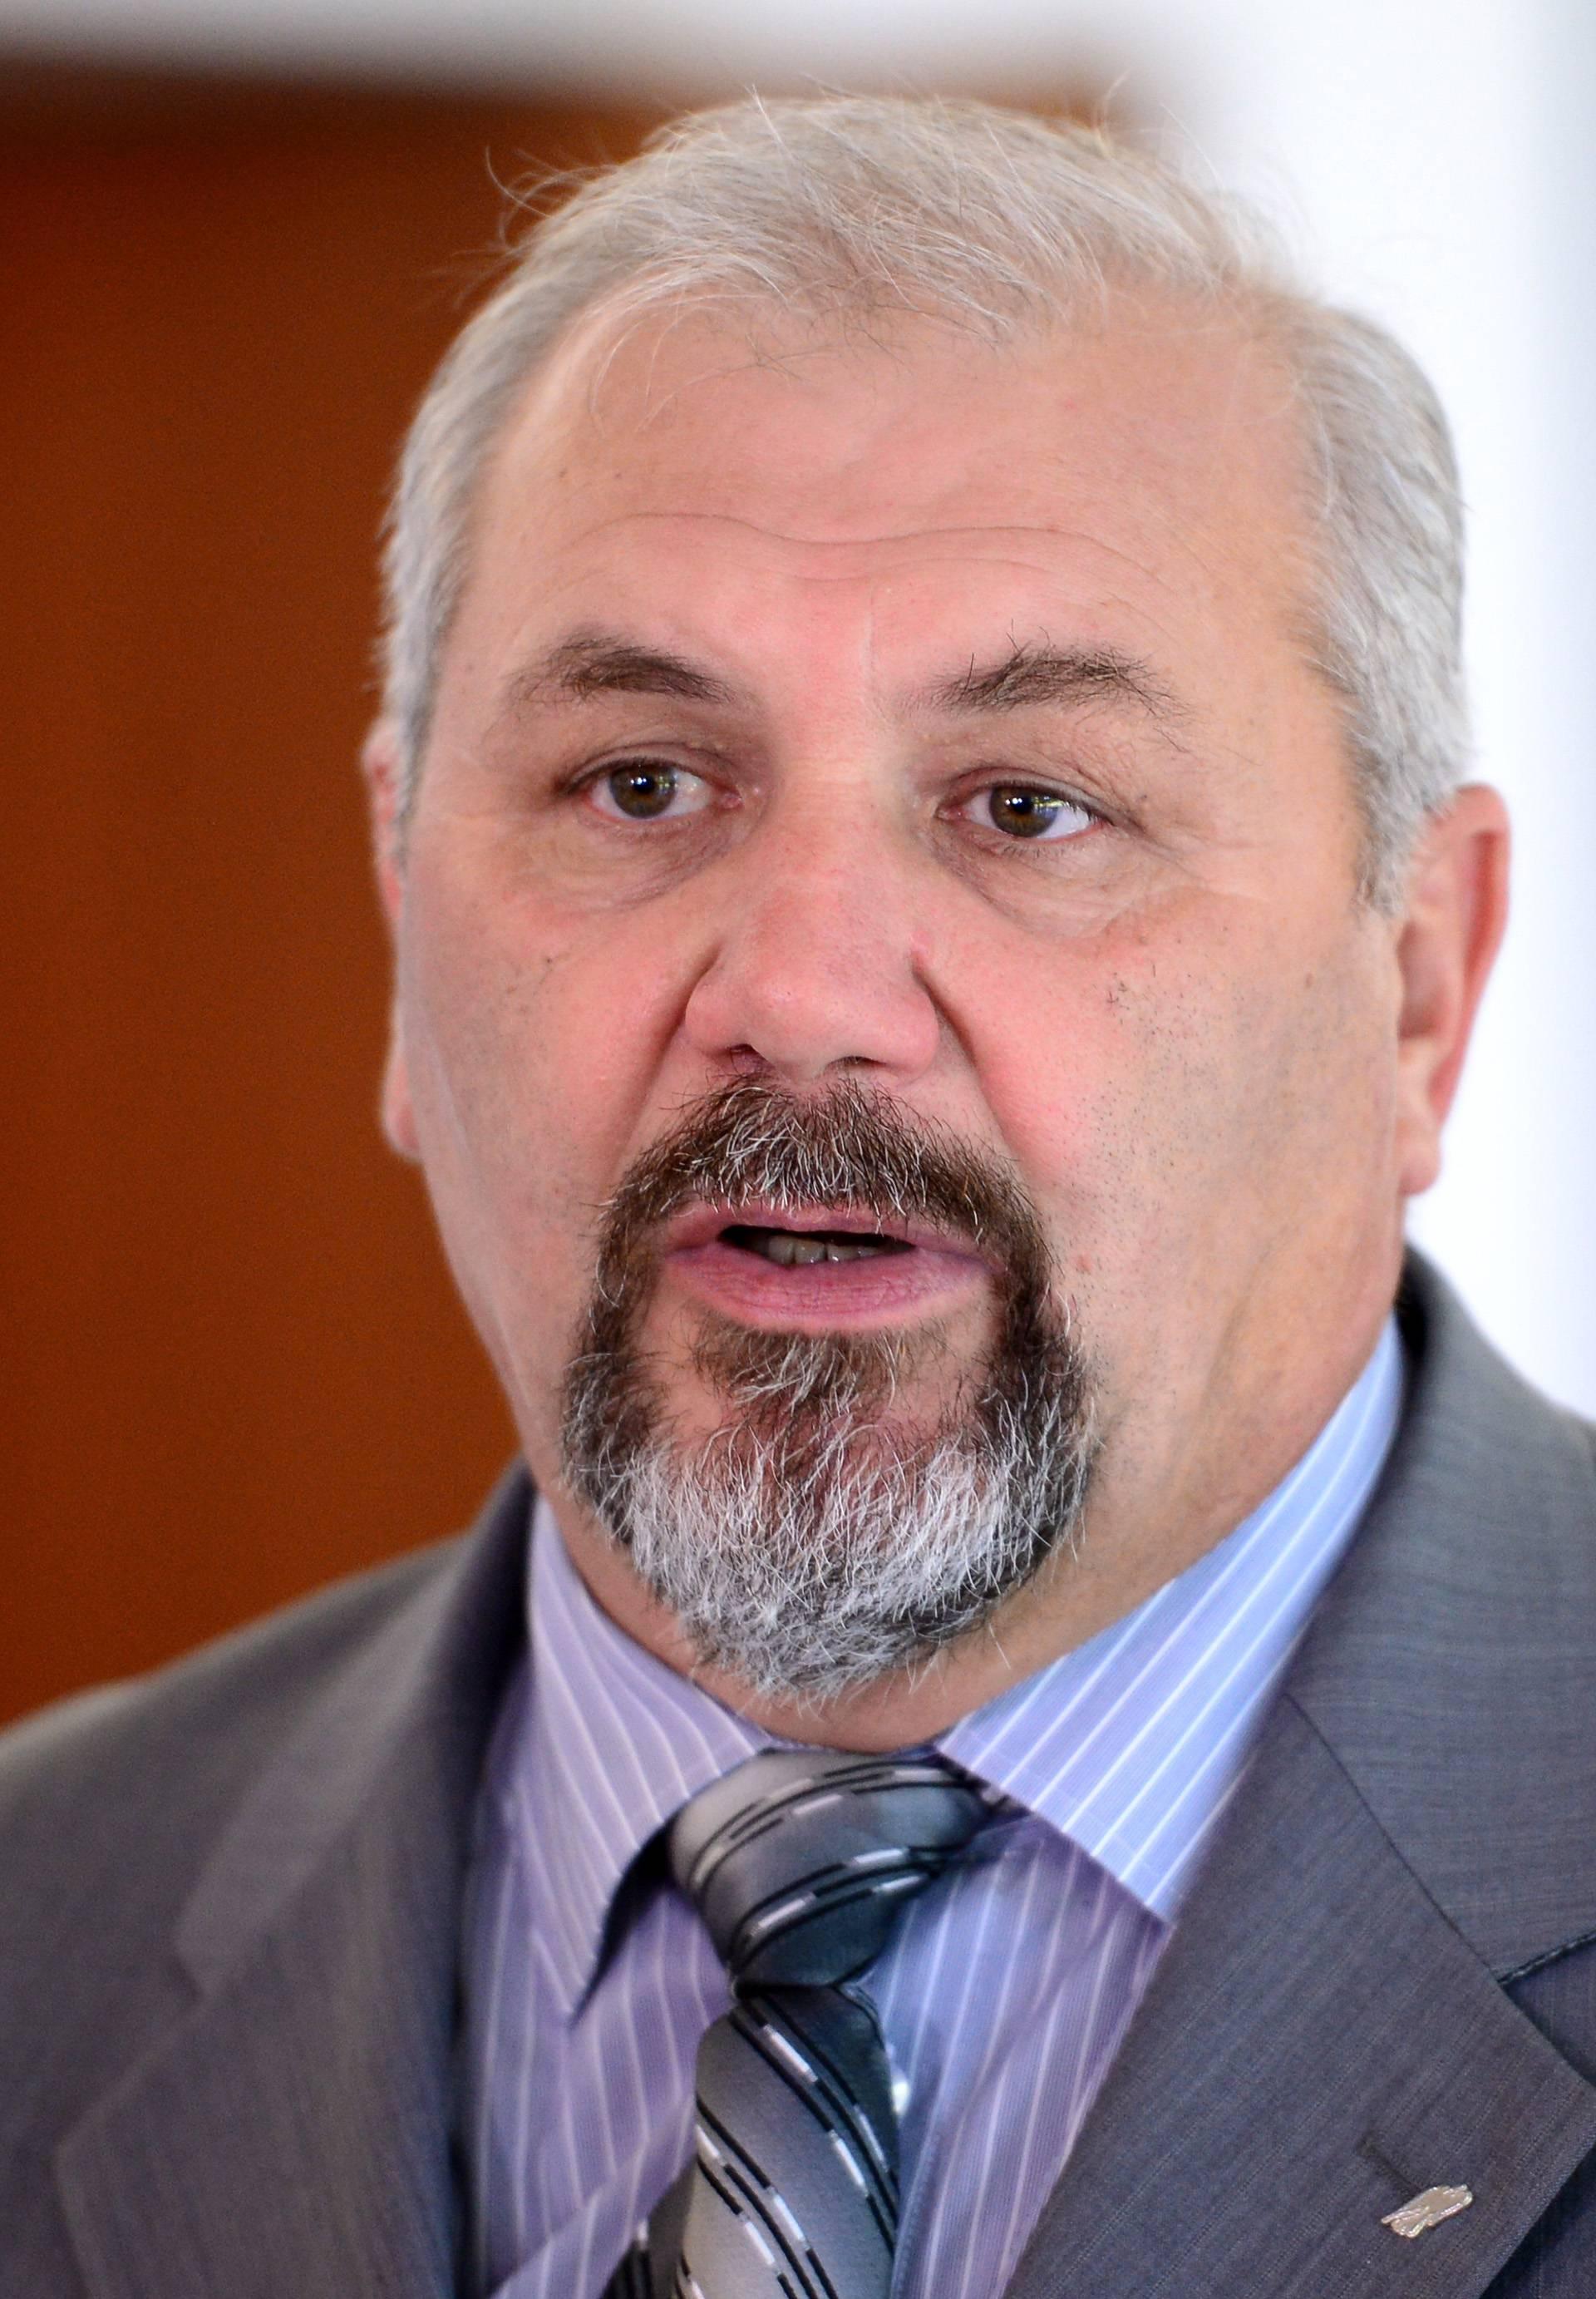 'Mirovinsku reformu pokušat će  na juriš progurati u Saboru'